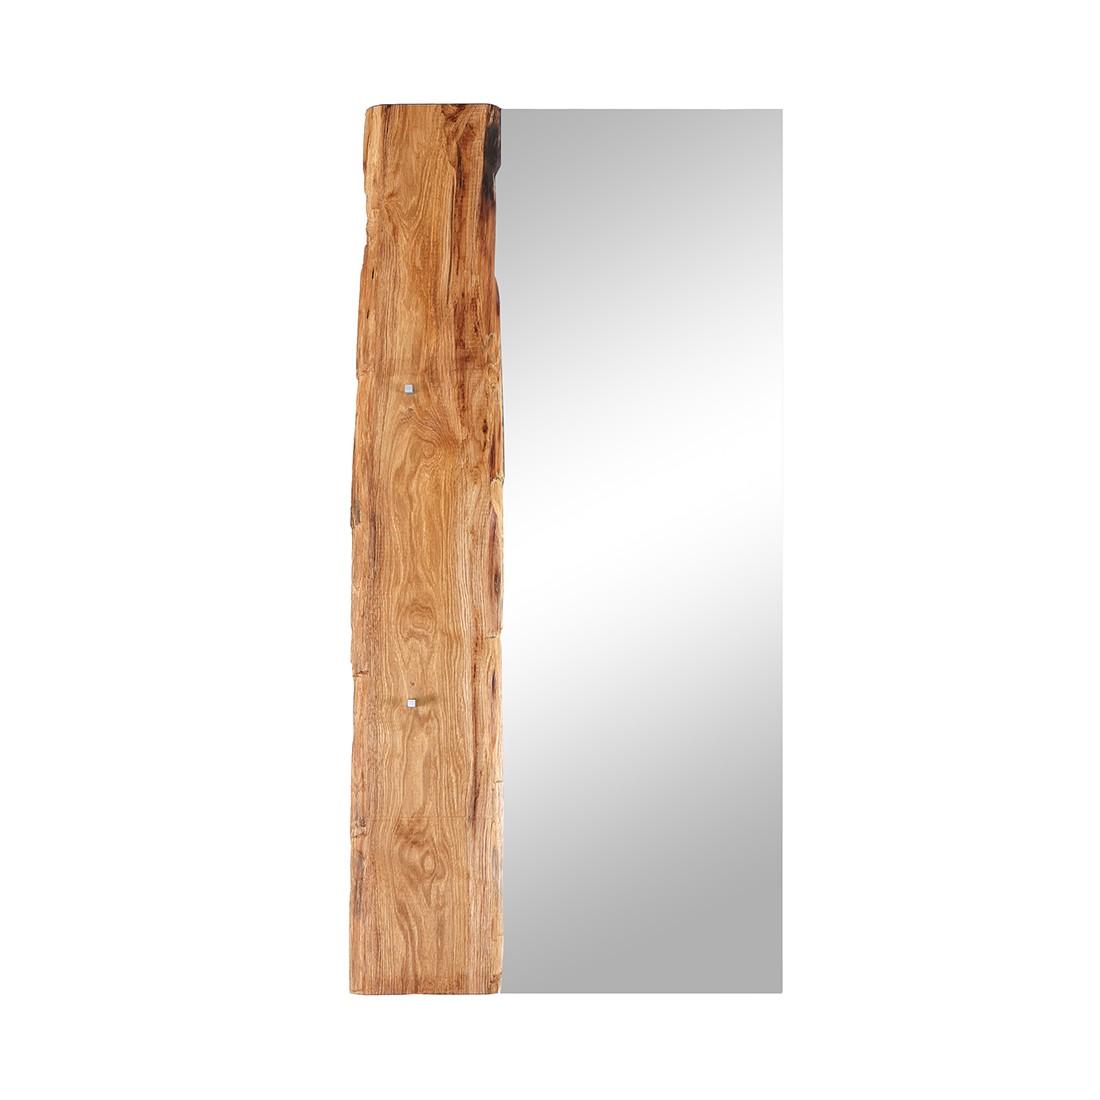 spiegel woodkid ii eiche massiv ge lt jung s hne g nstig. Black Bedroom Furniture Sets. Home Design Ideas